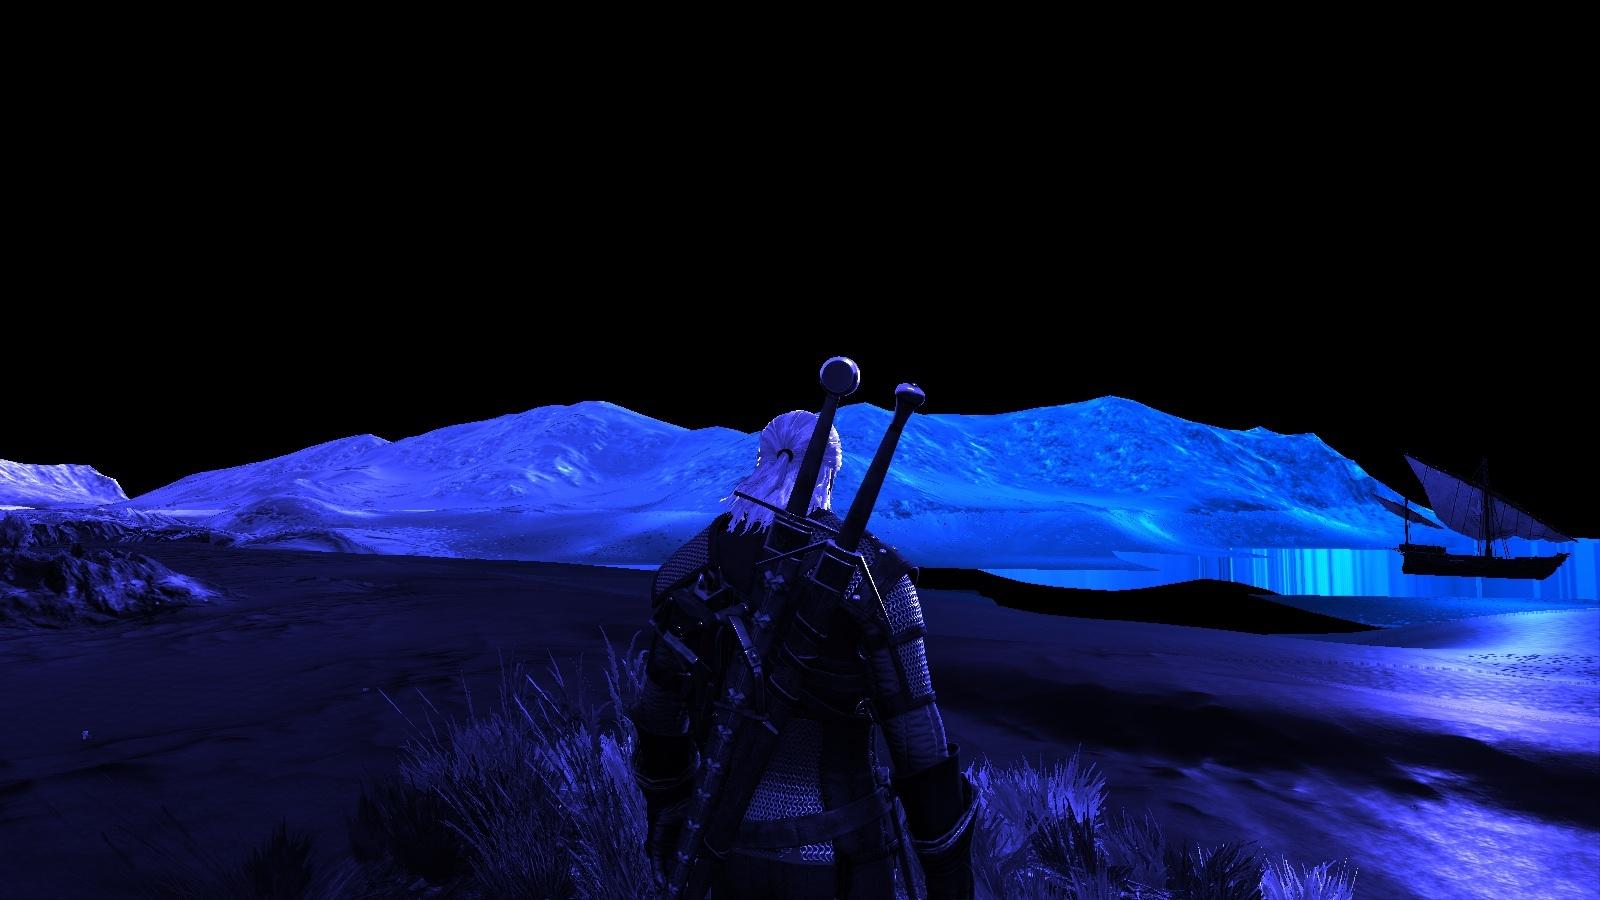 Реверс-инжиниринг рендеринга «Ведьмака 3»: различные эффекты неба - 28